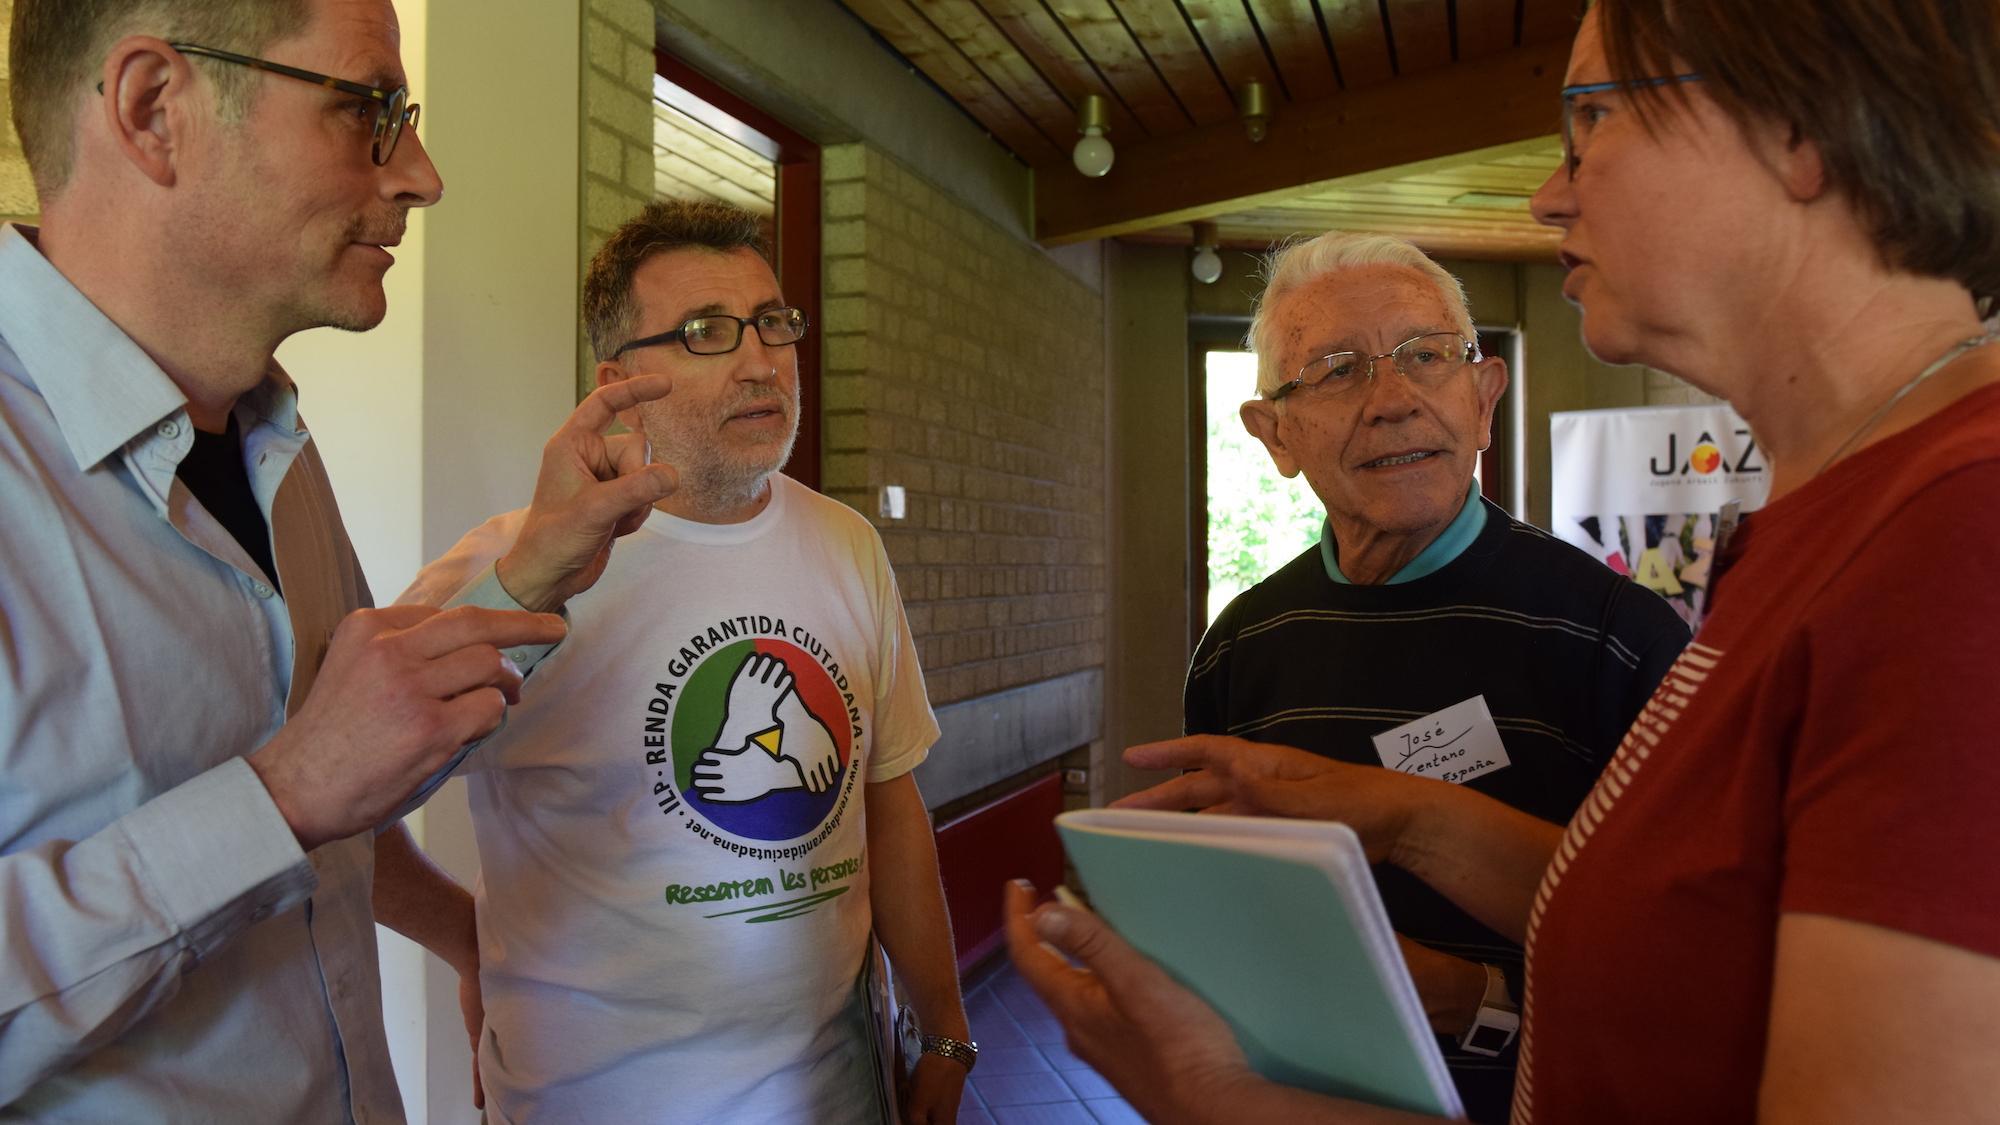 Arbeitergeschwister aus europäischen Ländern im intensiven Gespräch, traditionell vernetzt zu Pfingsten. Links der Krefelder Arbeiterpriester Albert Koolen. (c) Thomas Hohenschue